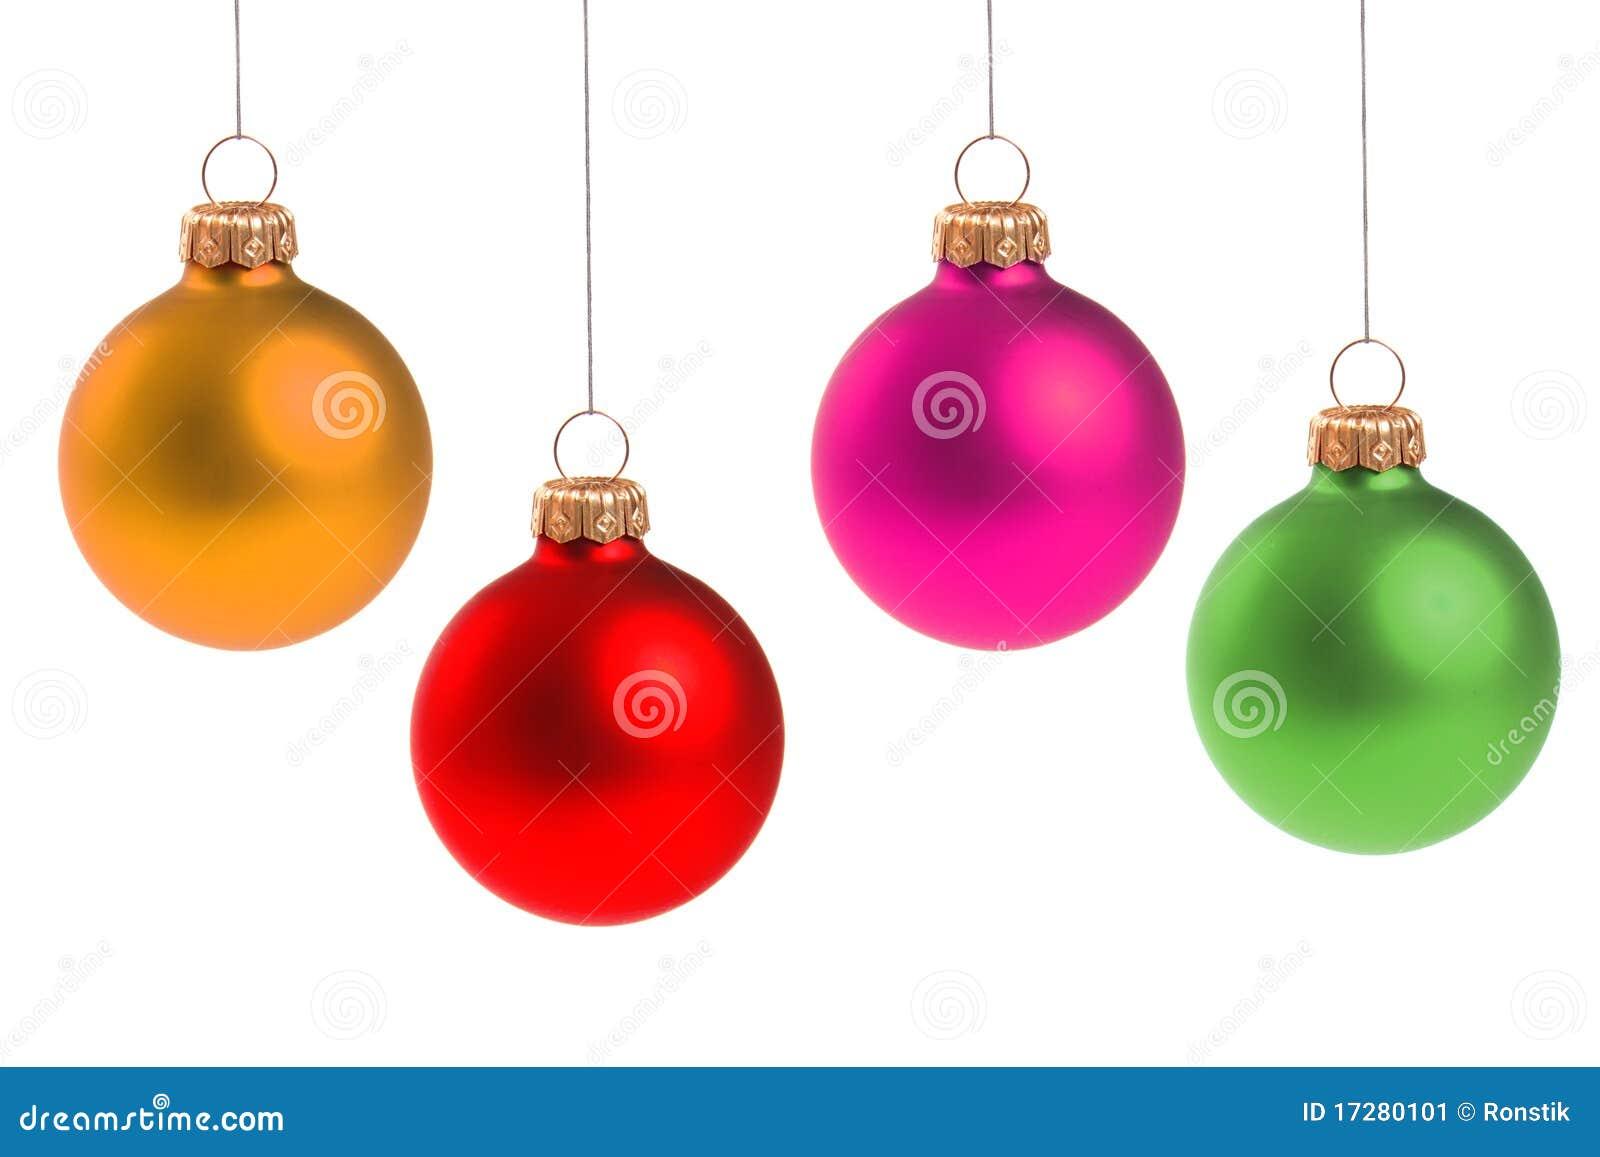 Bunte weihnachtskugeln stockbild bild von getrennt farbe for Weihnachtskugeln bilder